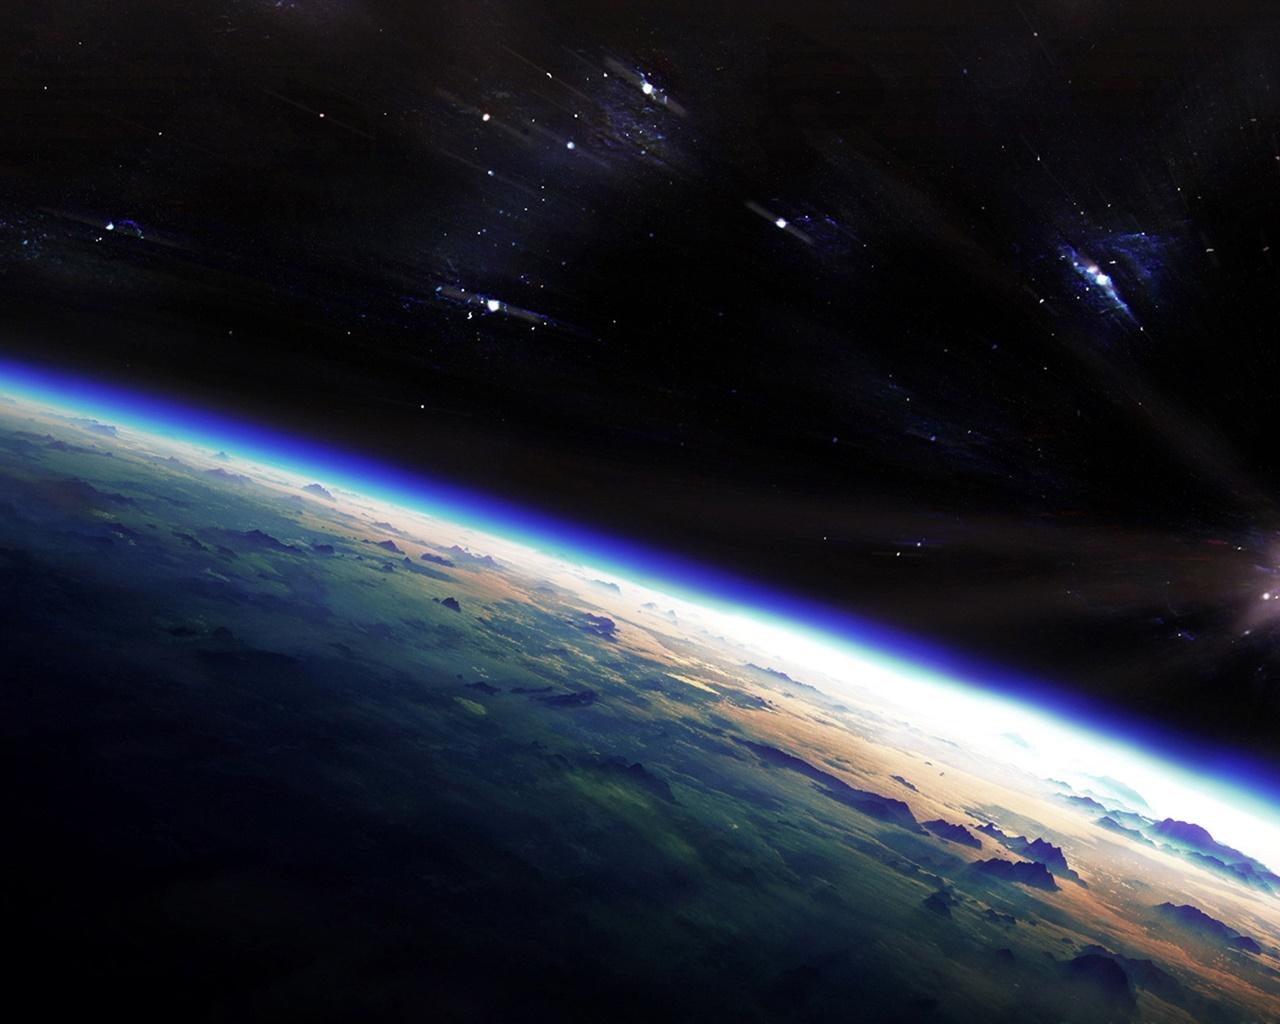 夜明け 星 宇宙 惑星 デスクトップの壁紙 1280x1024 壁紙をダウンロード Ja Hdwall365 Com